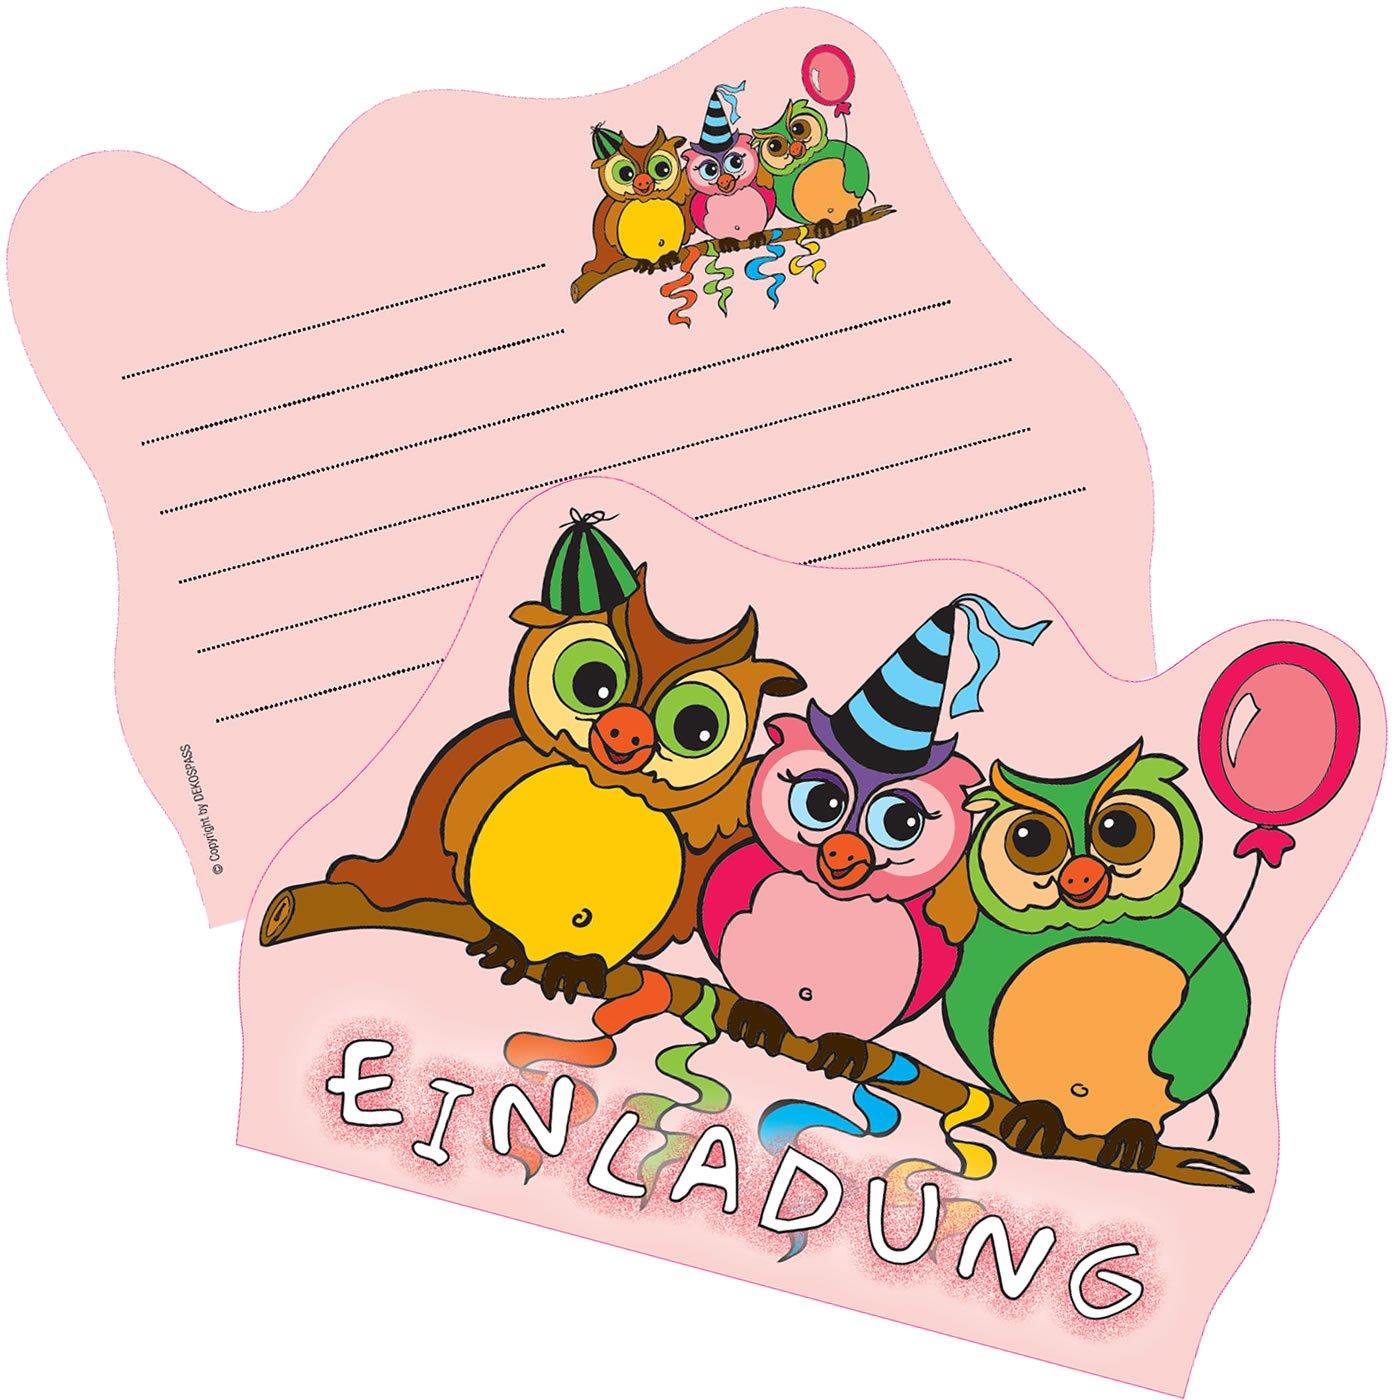 6 Einladungskarten * SÜSSE EULEN * Für Kindergeburtstag Und Party Von  DEKOSPASS // Kinder Geburtstag Party Kinderparty Einladung Einladungen  Karte ...